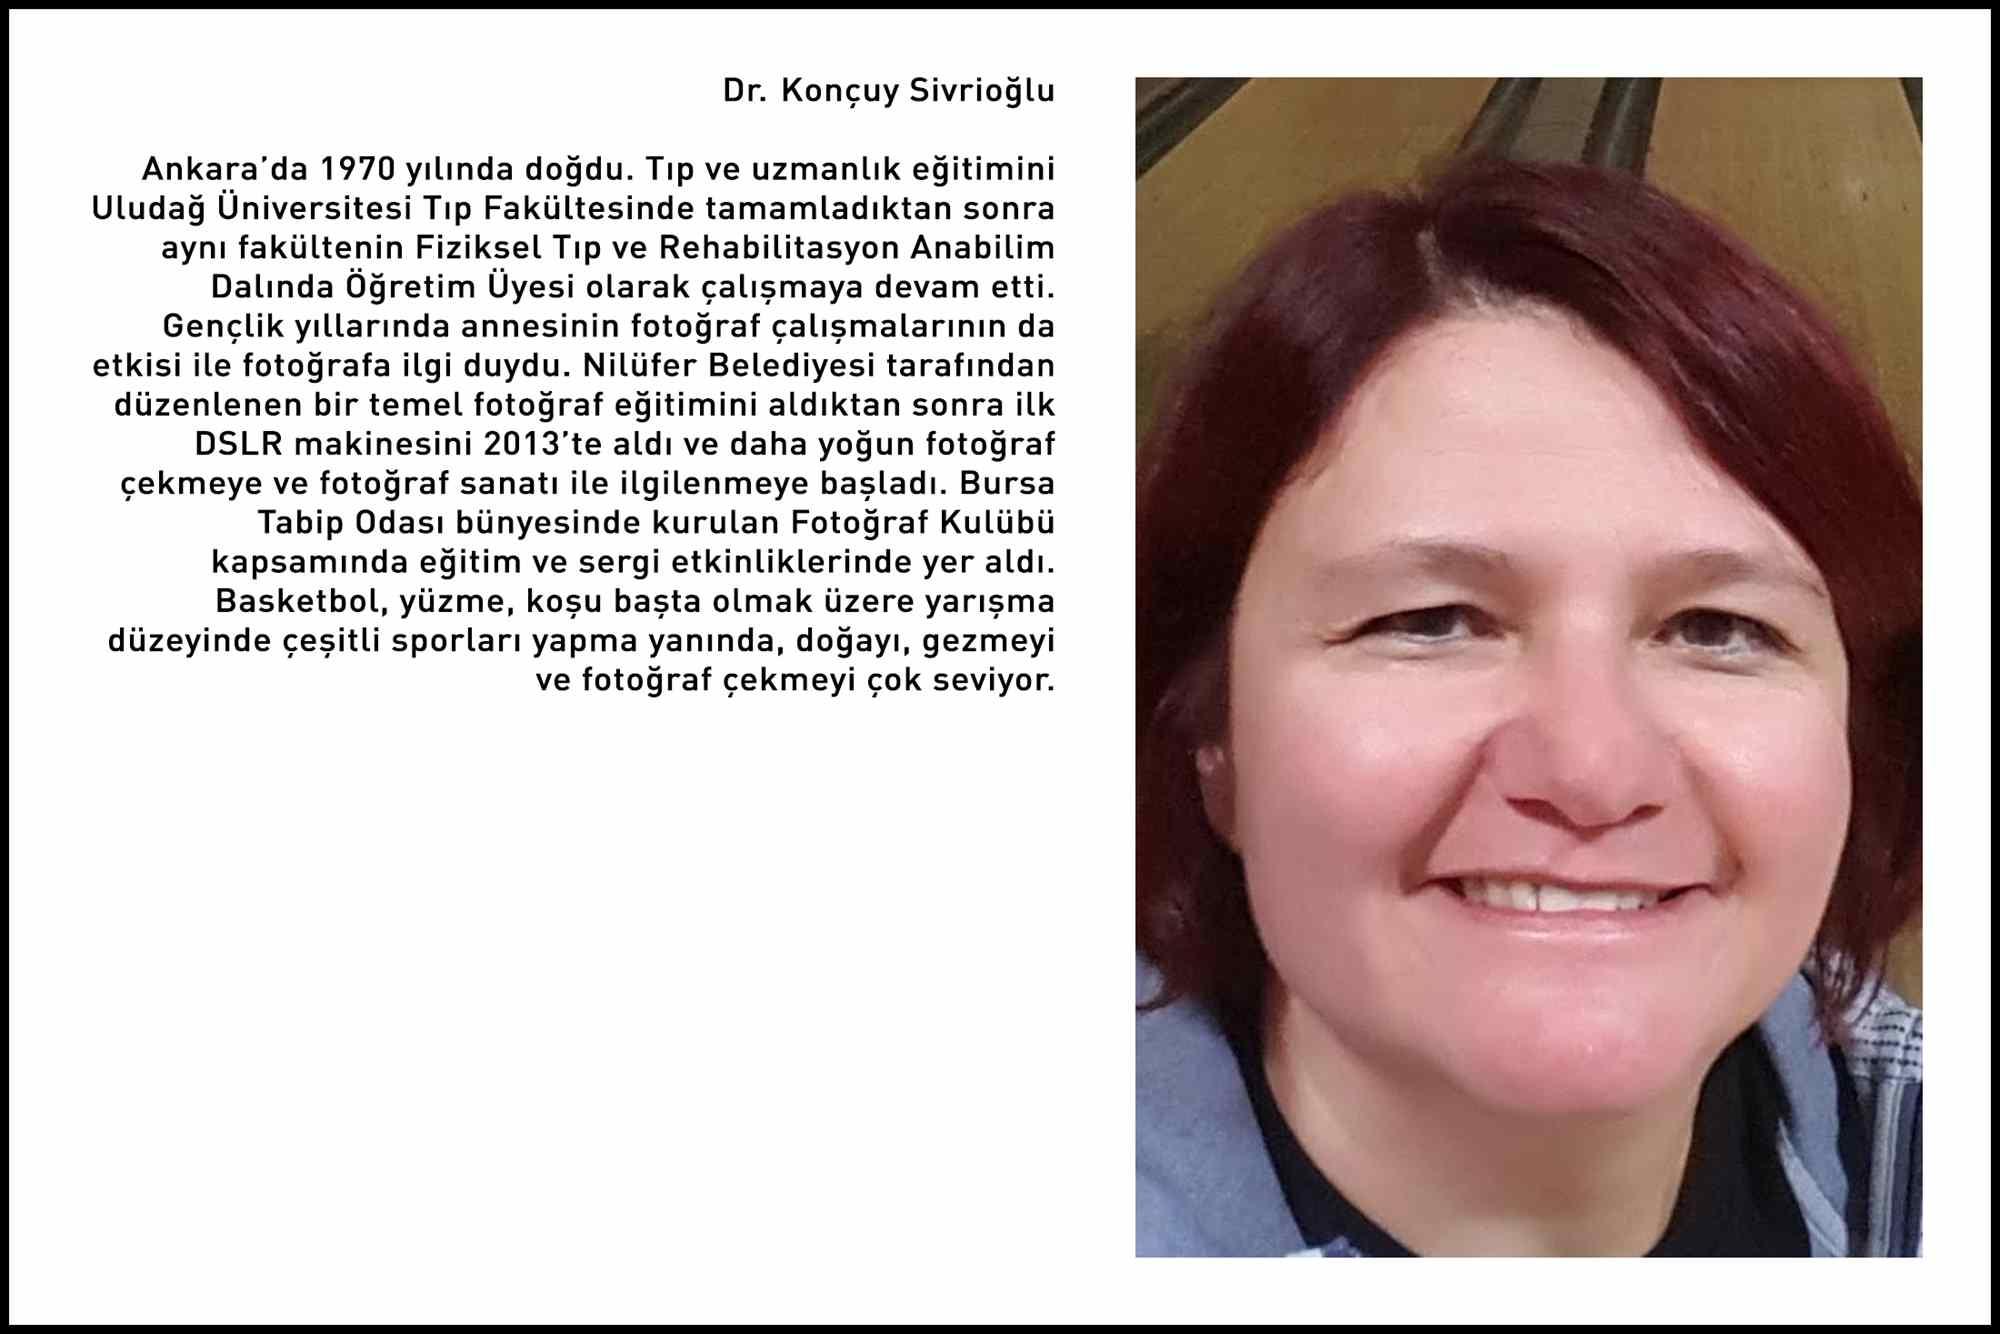 54_koncuy-sivrioglu_ozgecmis